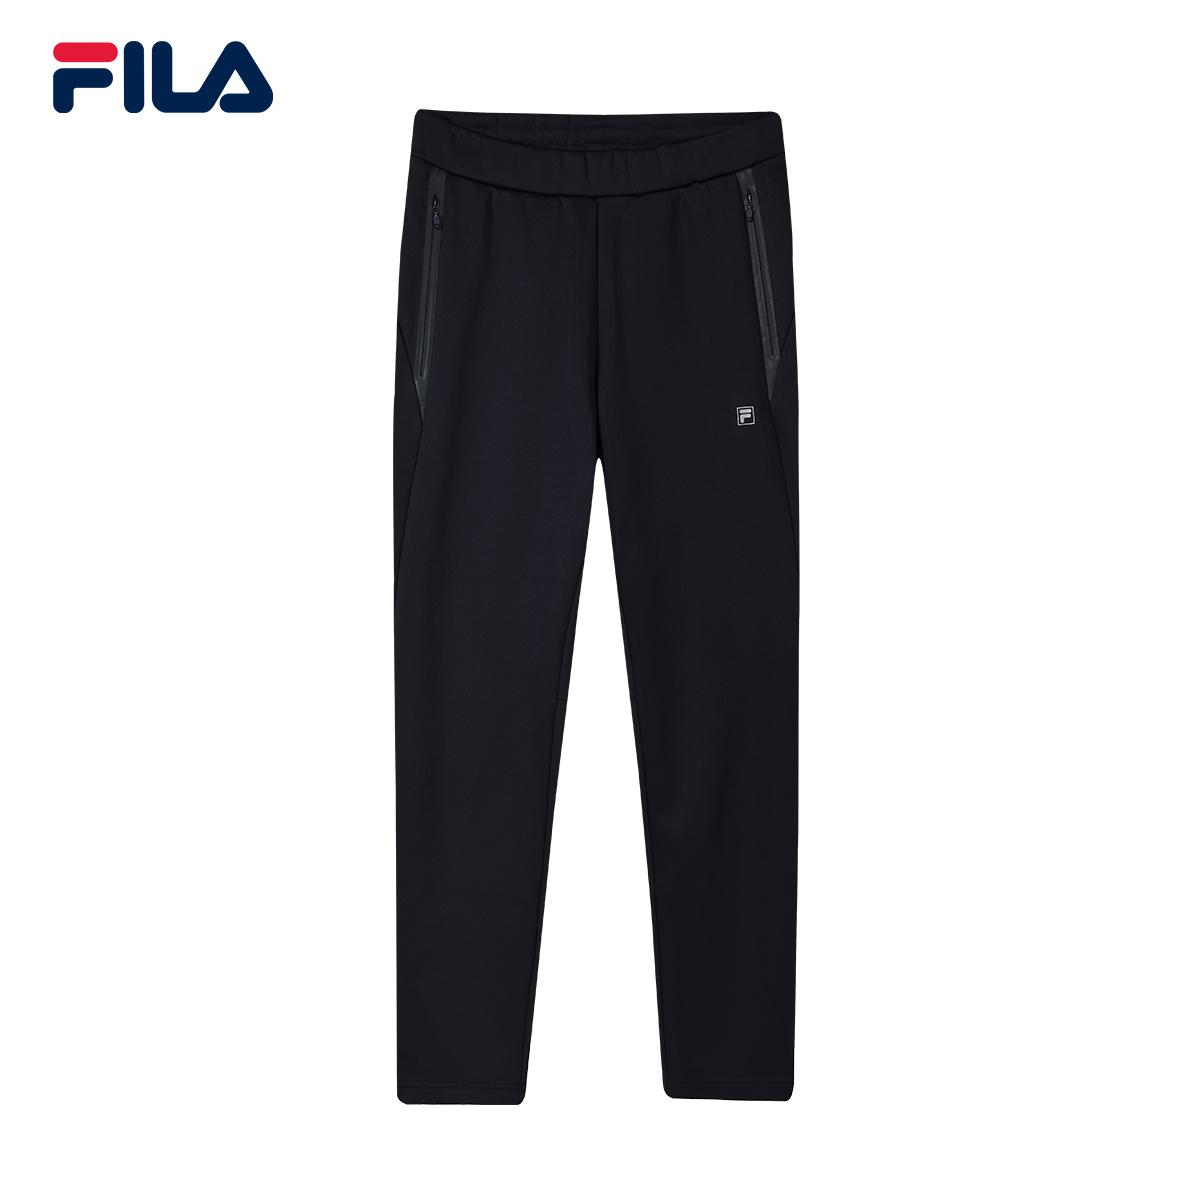 FILA斐乐长裤男2018冬季新品运动休闲裤跑步健身训练裤男裤子